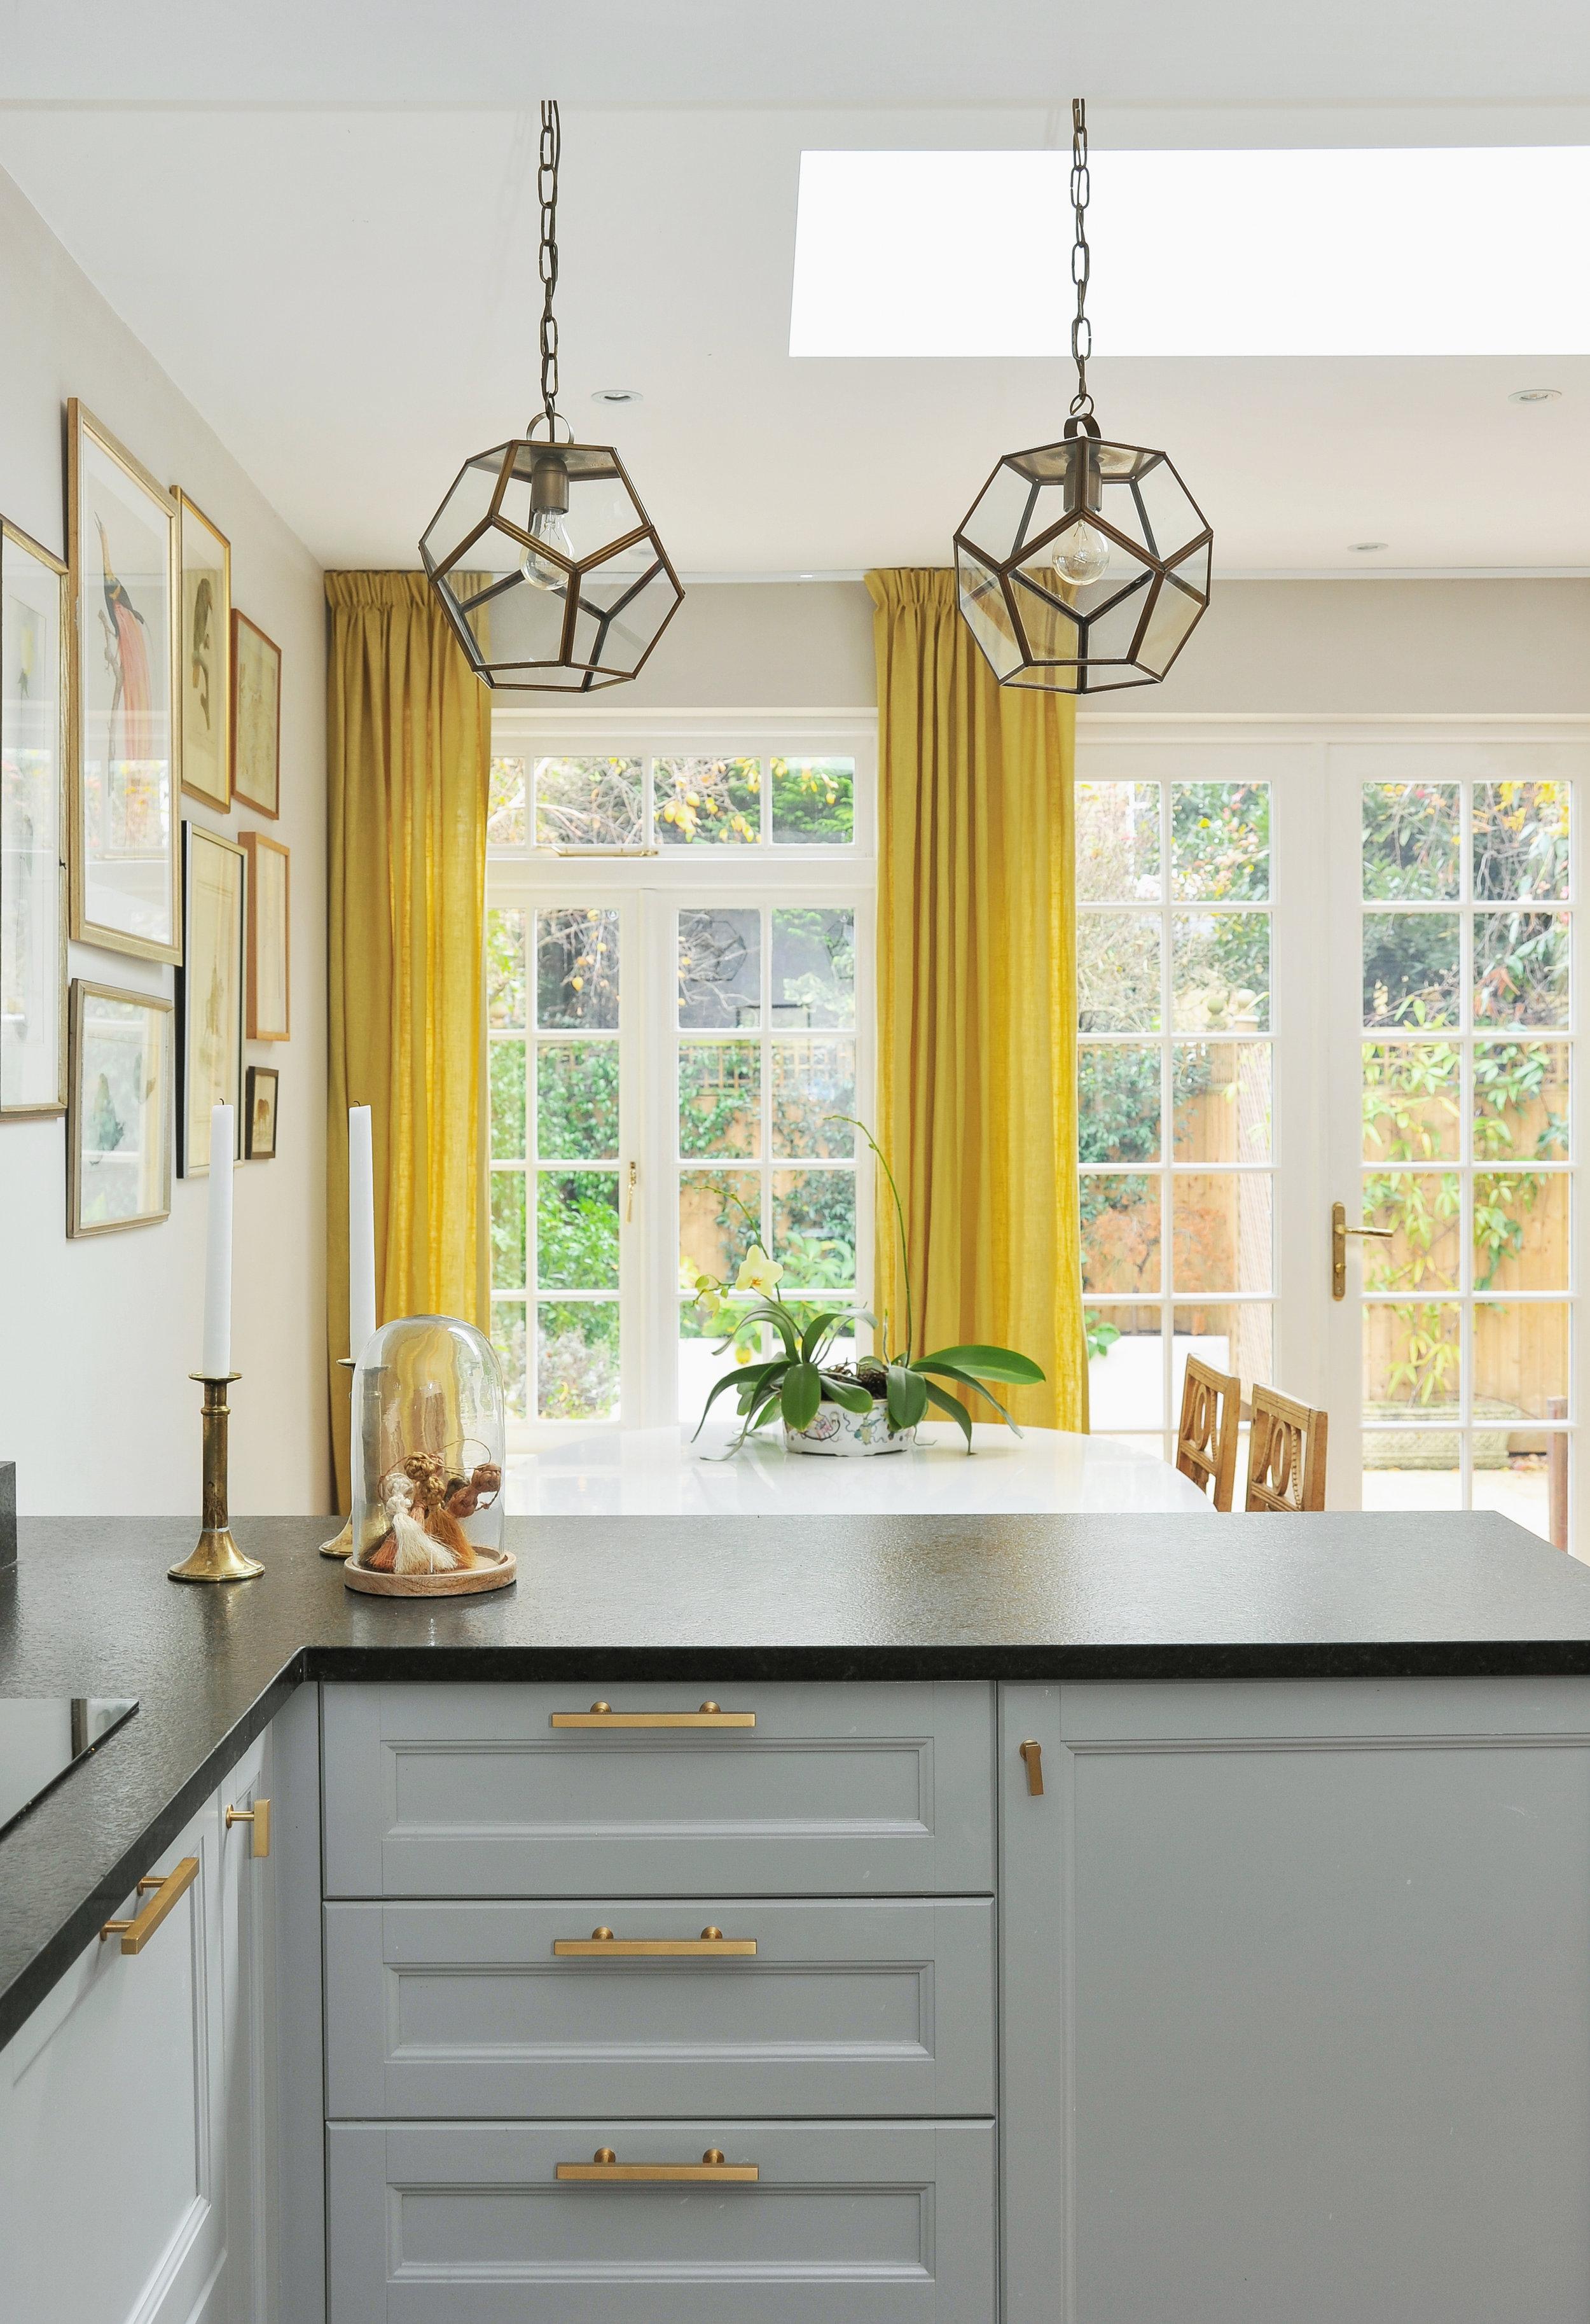 Anna von Waldburg interior design in Central London